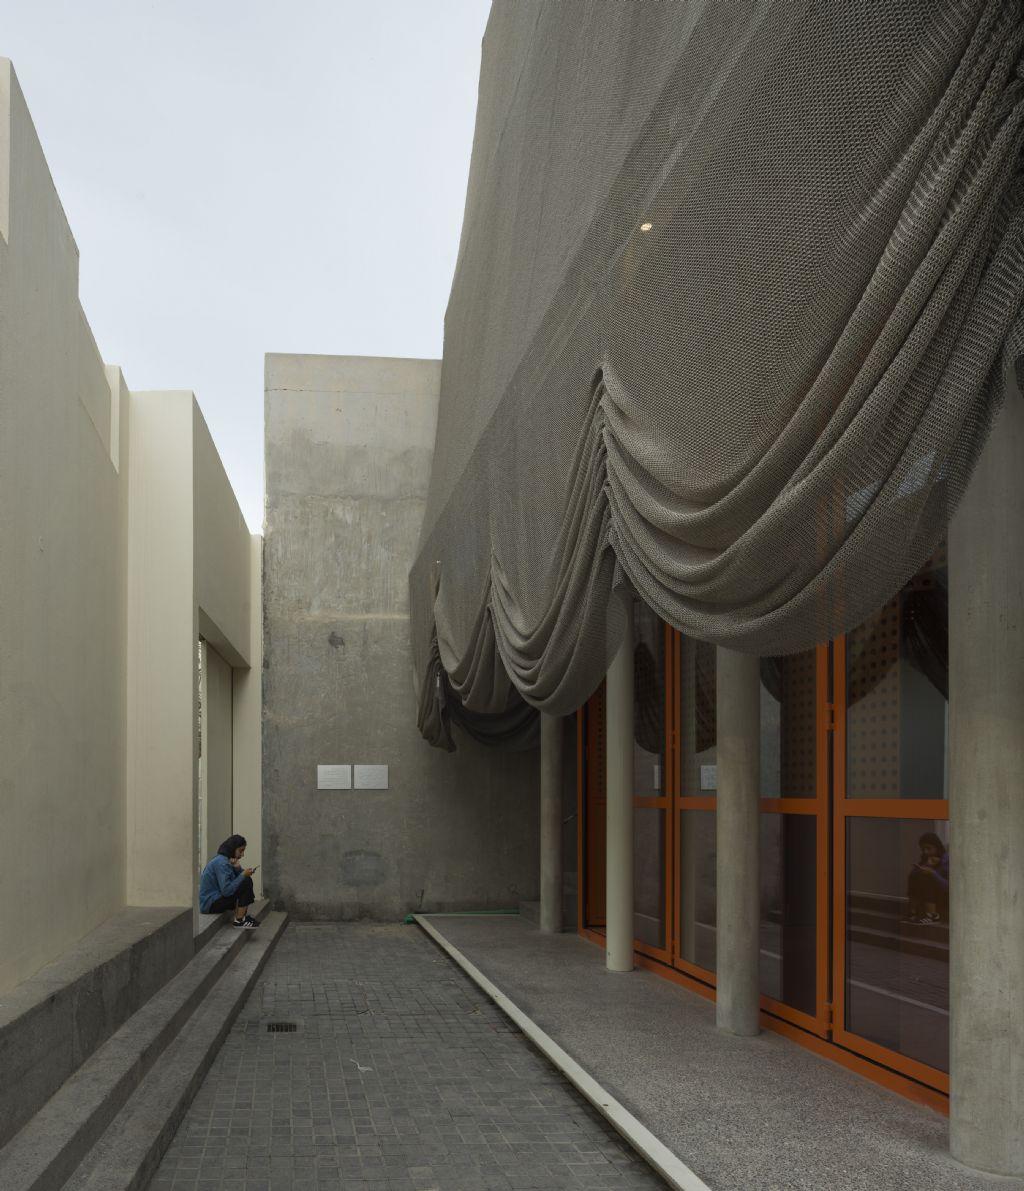 Centrum voor Traditionele Muziek Dar Jinaa